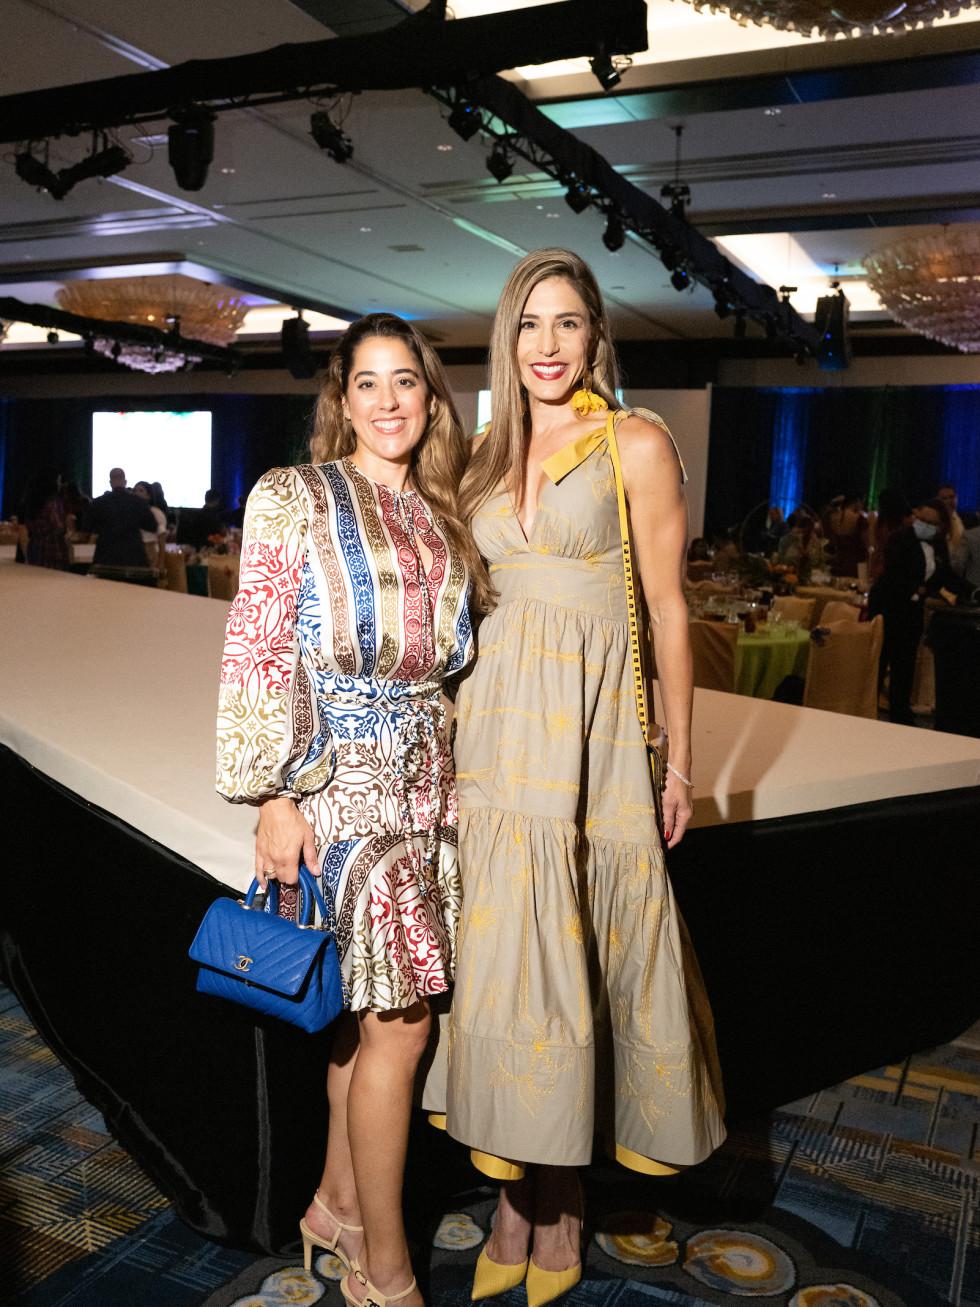 LWI Houston 2021 fashion show luncheon Kristina Somerville and Erika Toussaint